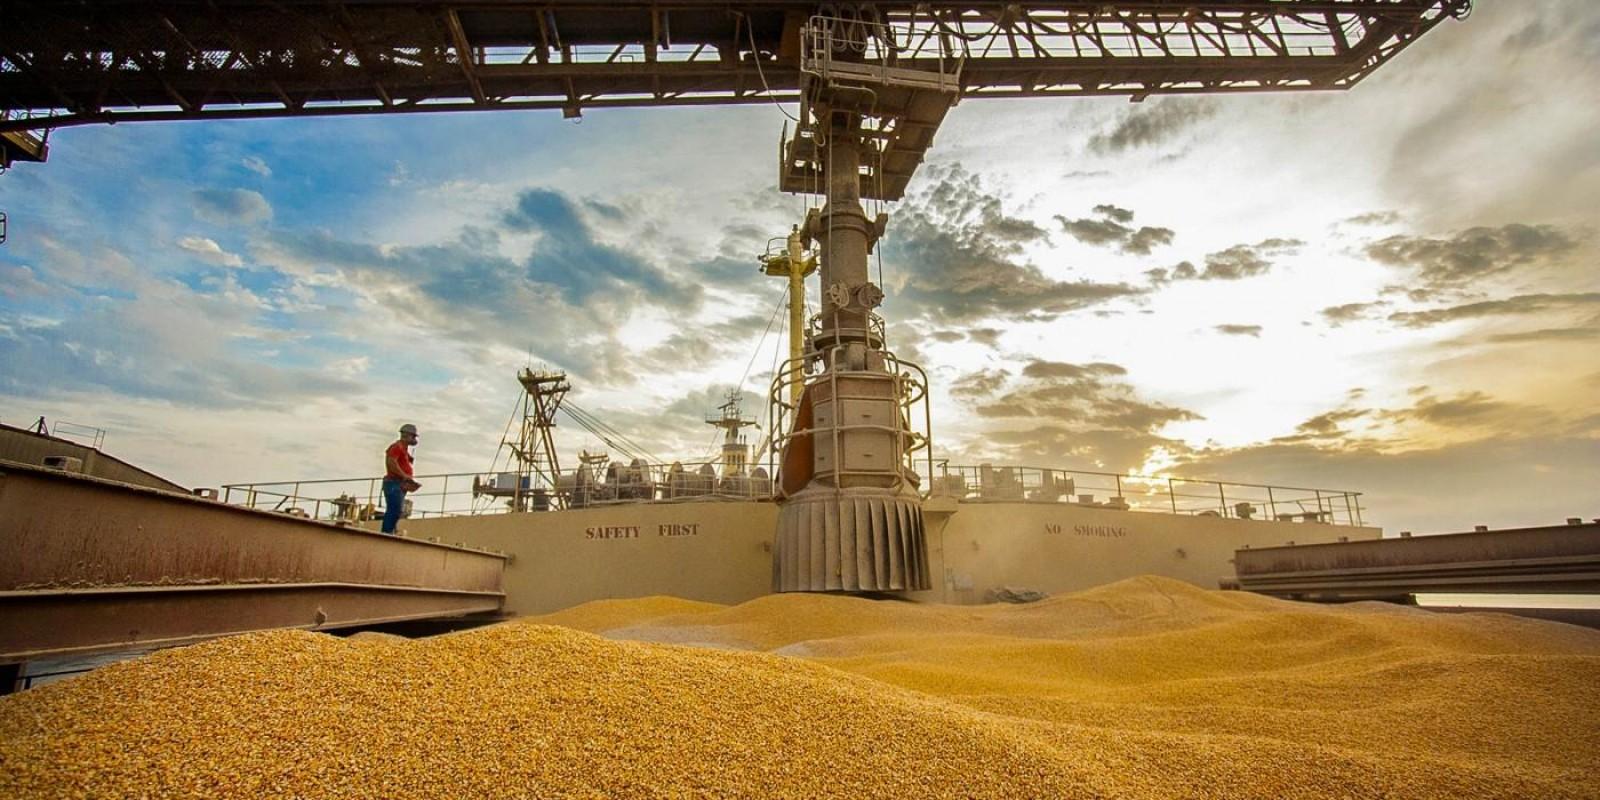 Em 3 dias de julho, Brasil já exportou 82% do volume de milho total registrado em todo o mês de junho